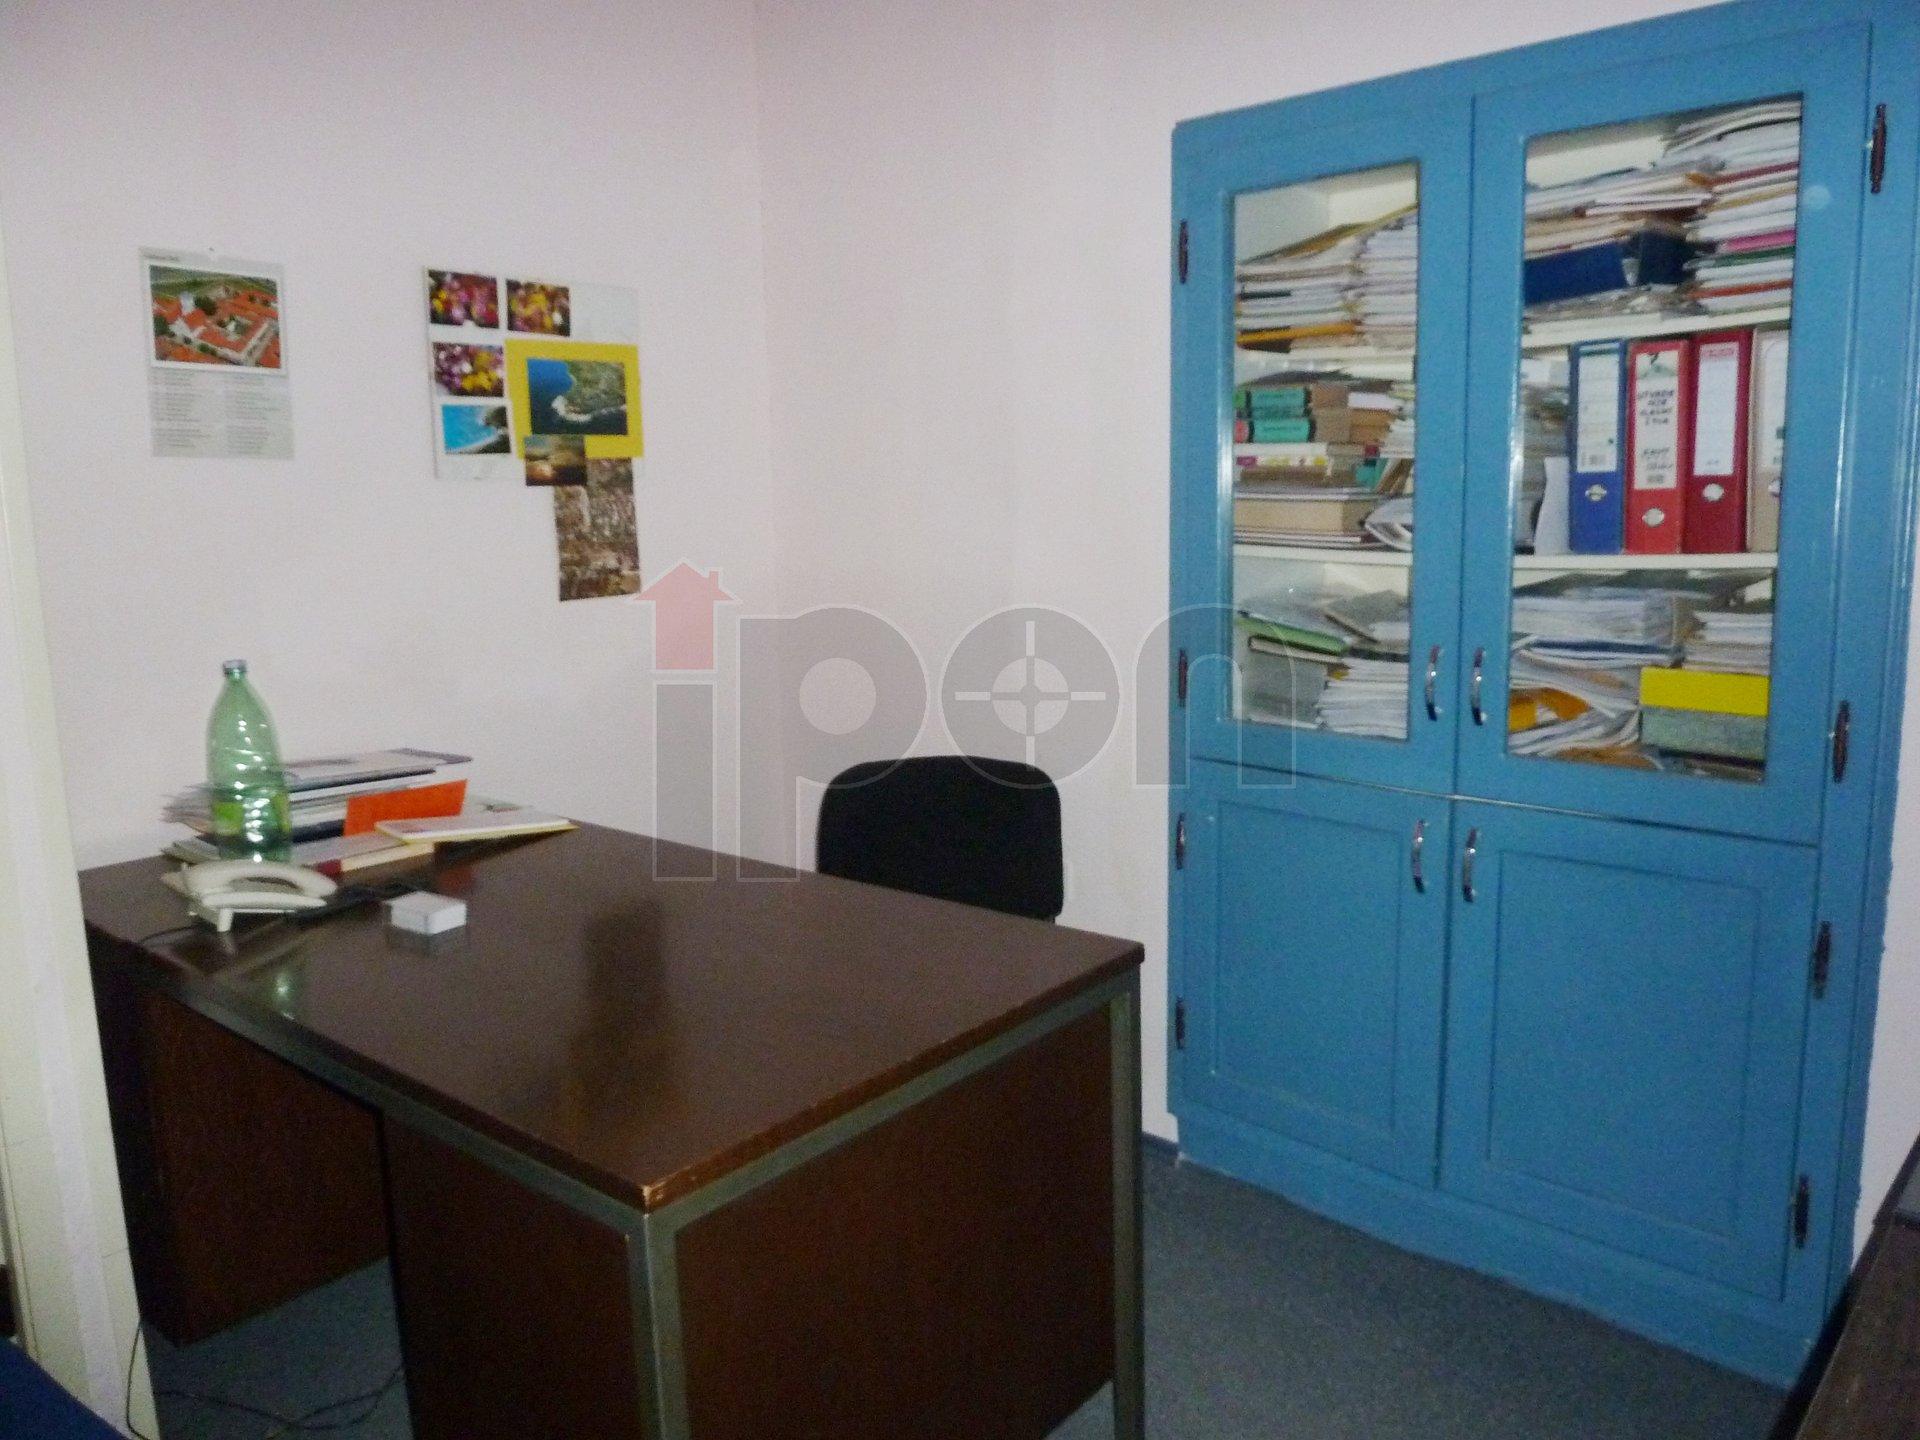 Centar, poslovni prostor pogodan za ured